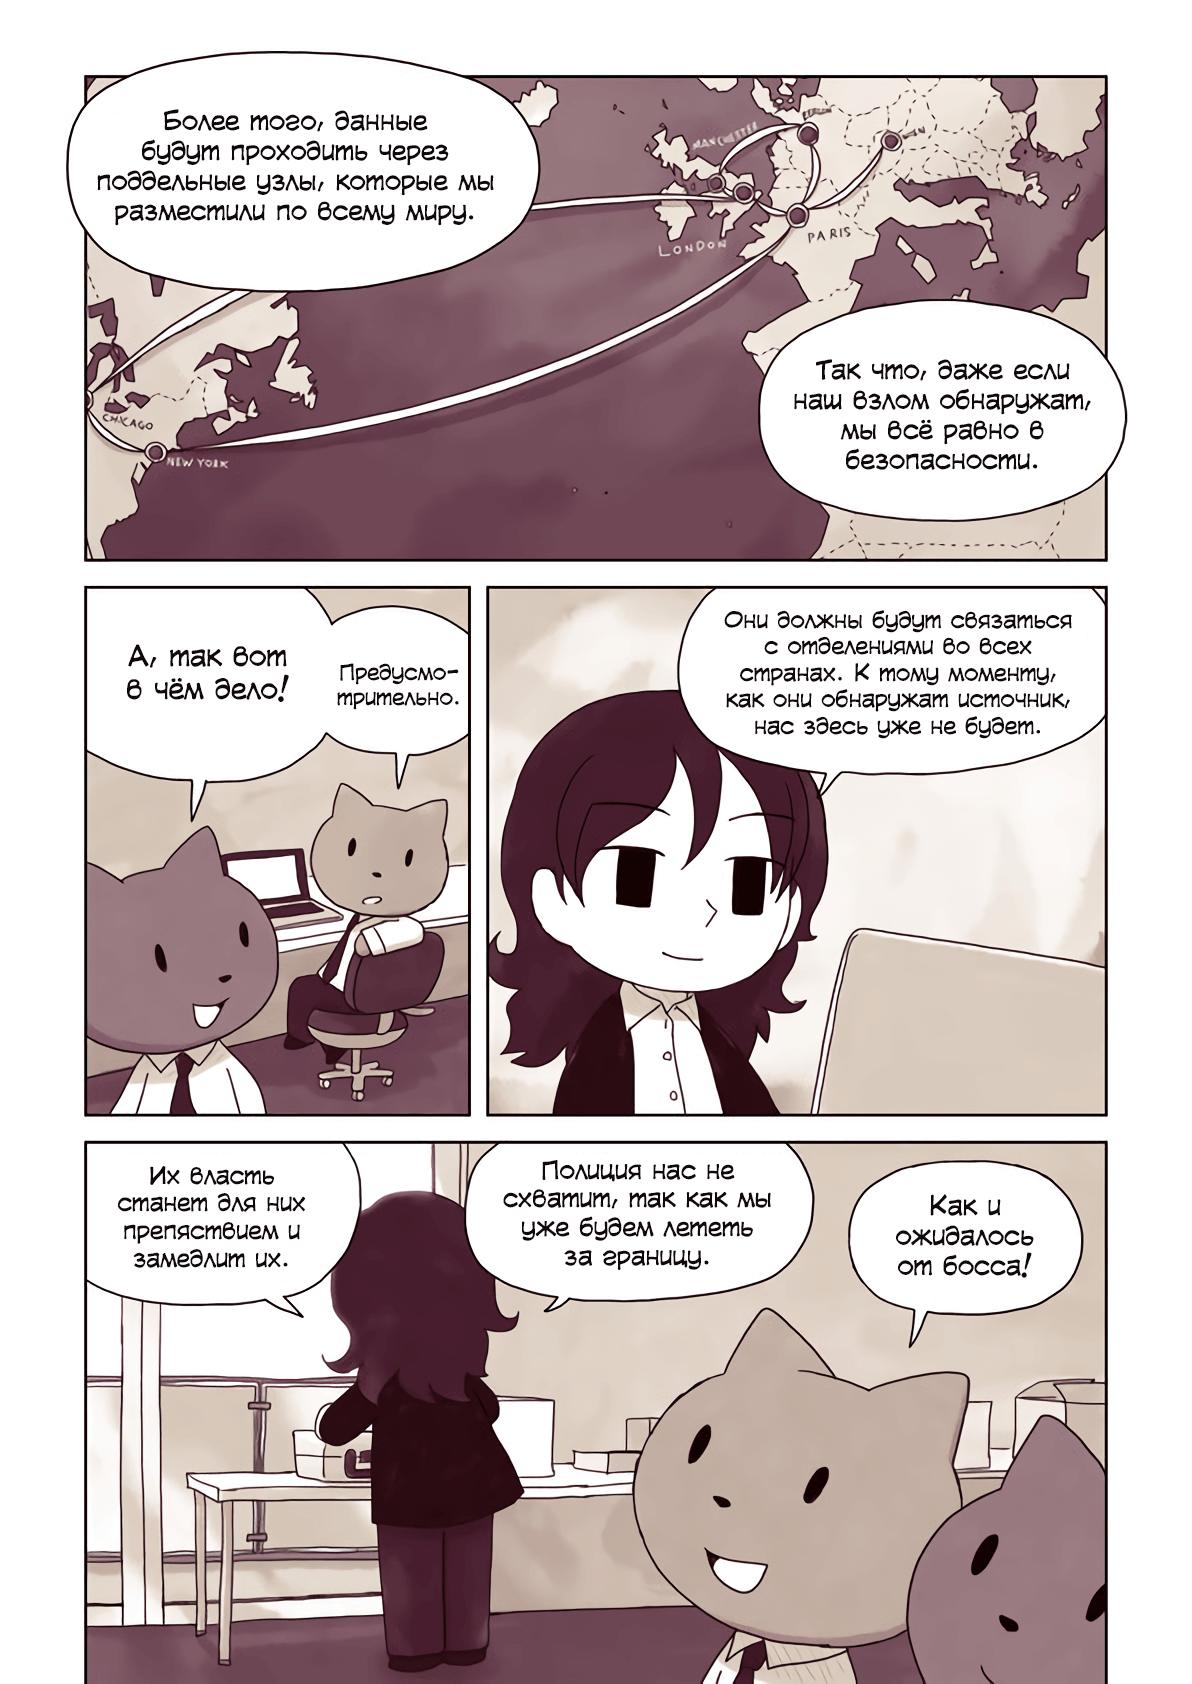 https://r1.ninemanga.com/comics/pic2/5/31749/333766/1505307929313.png Page 26